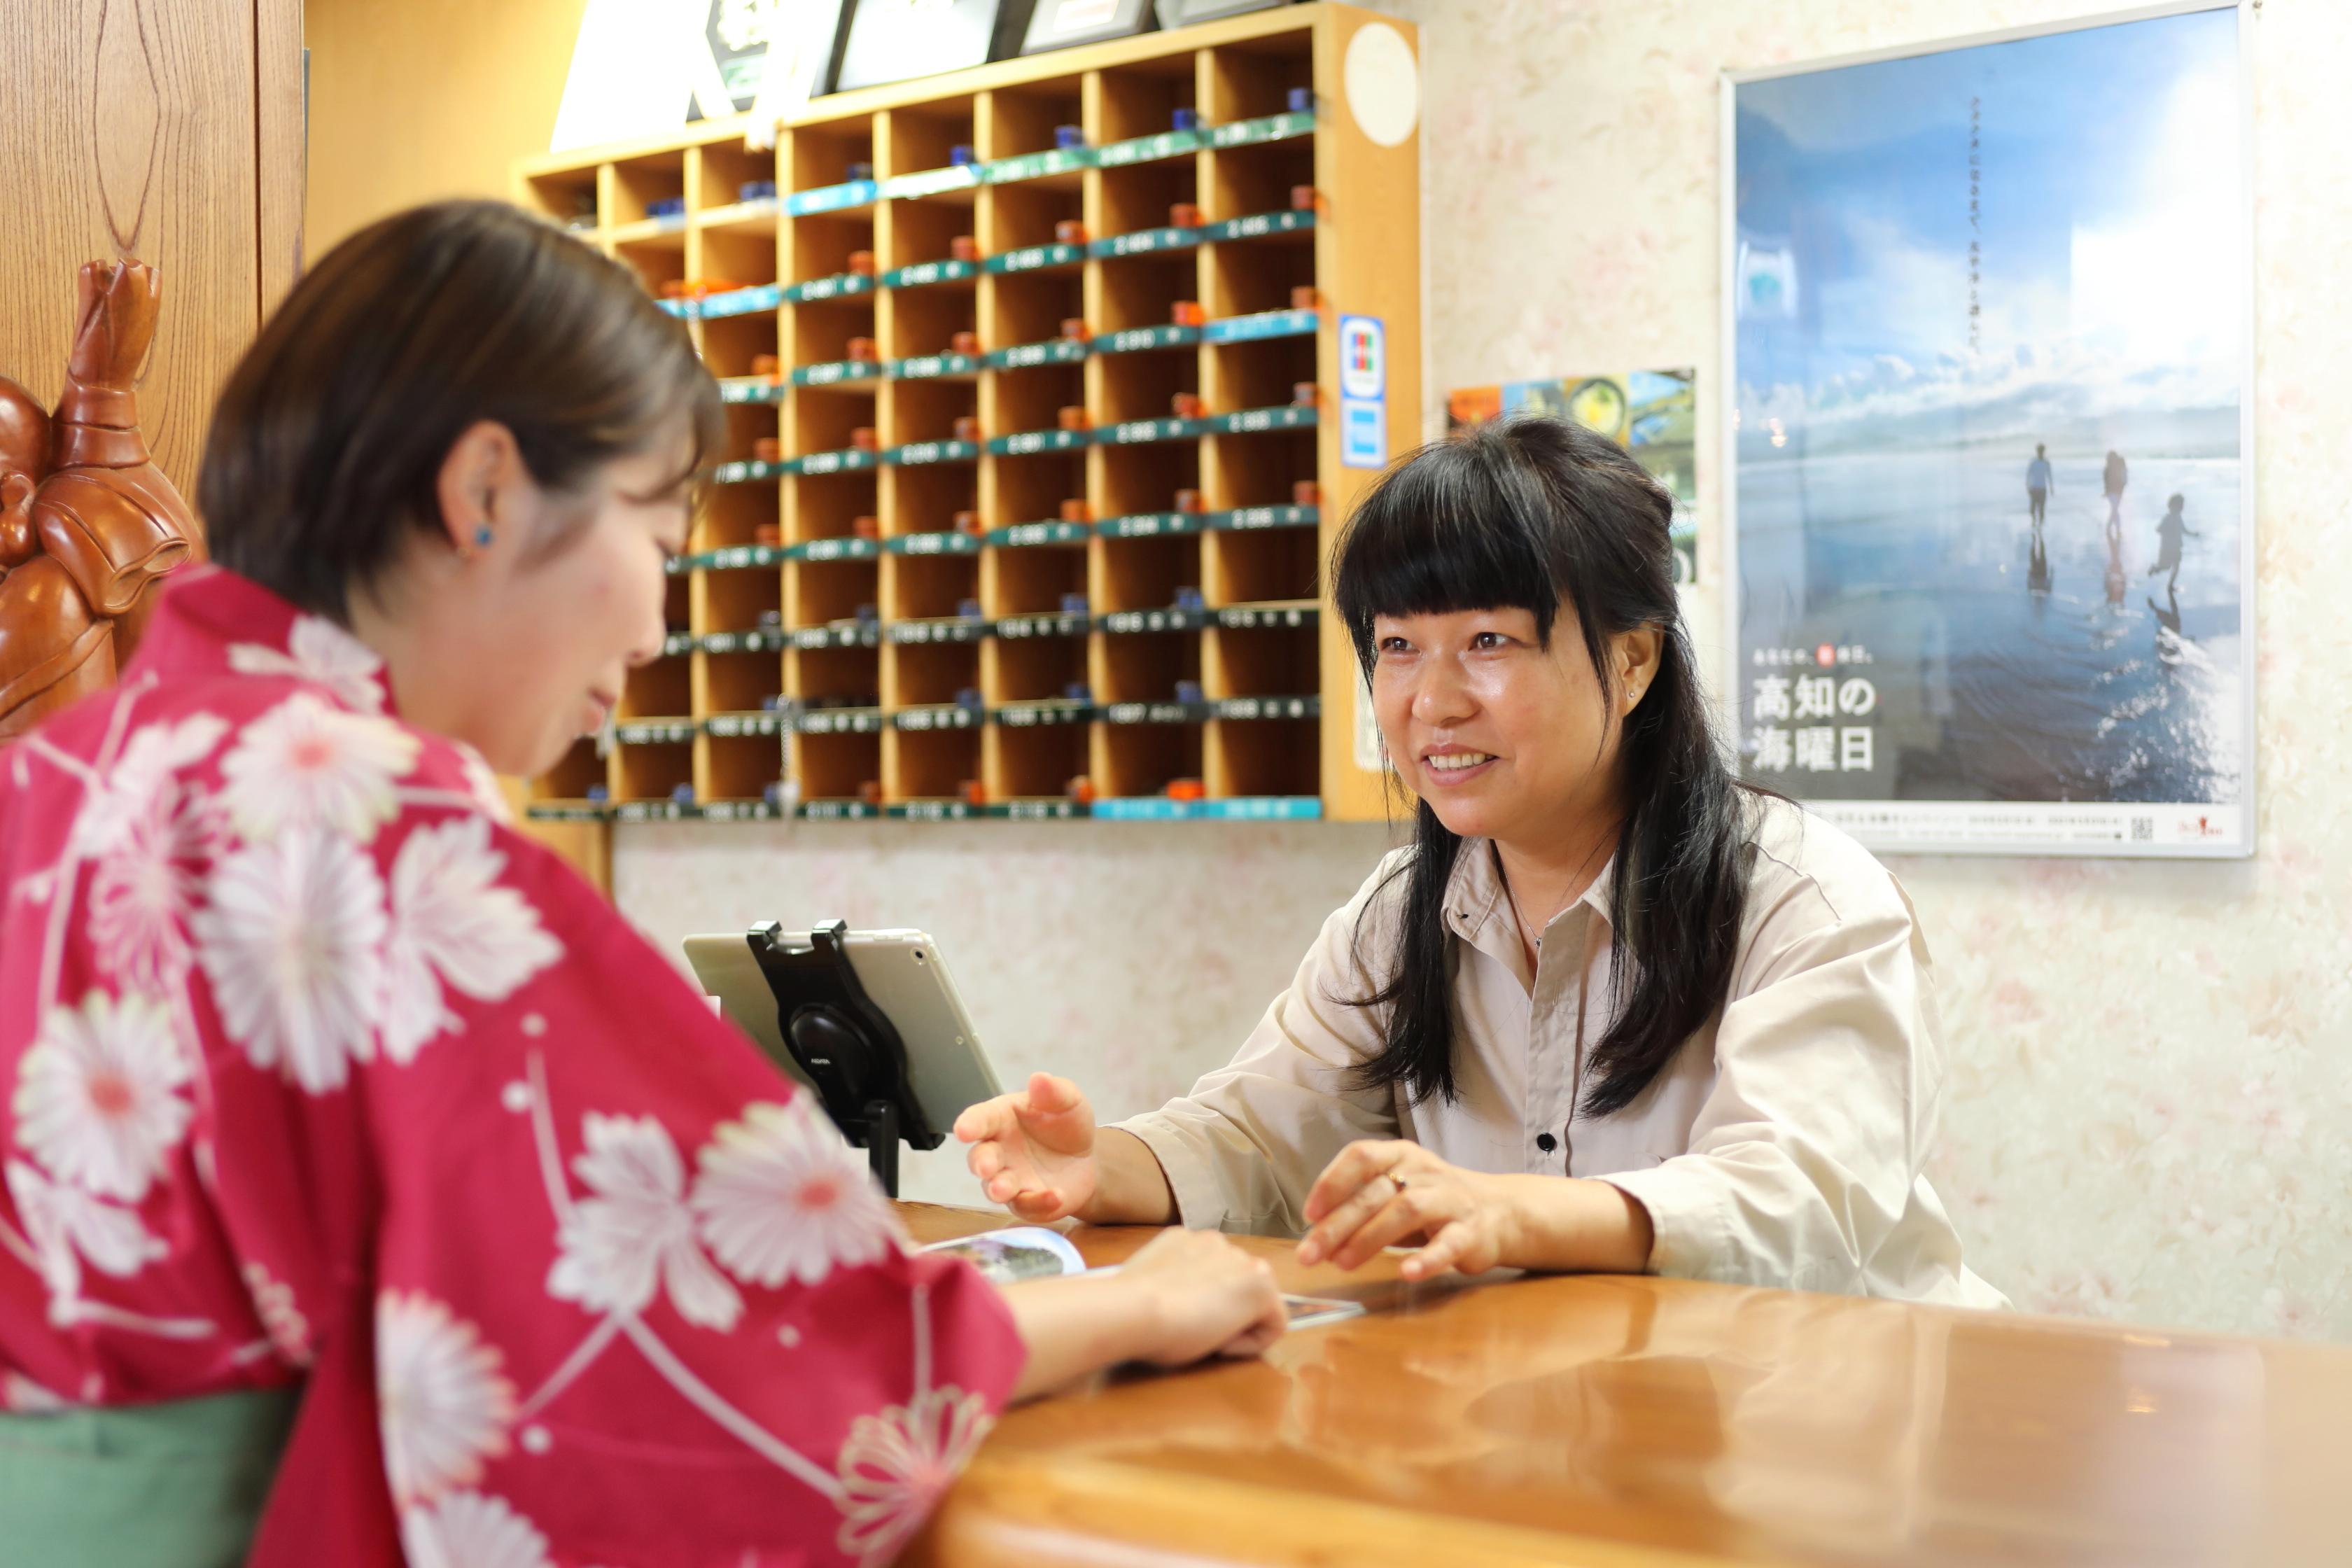 【フロントスタッフ】未経験応募可◆温泉旅館フロントでのおもてなし接客スタッフ